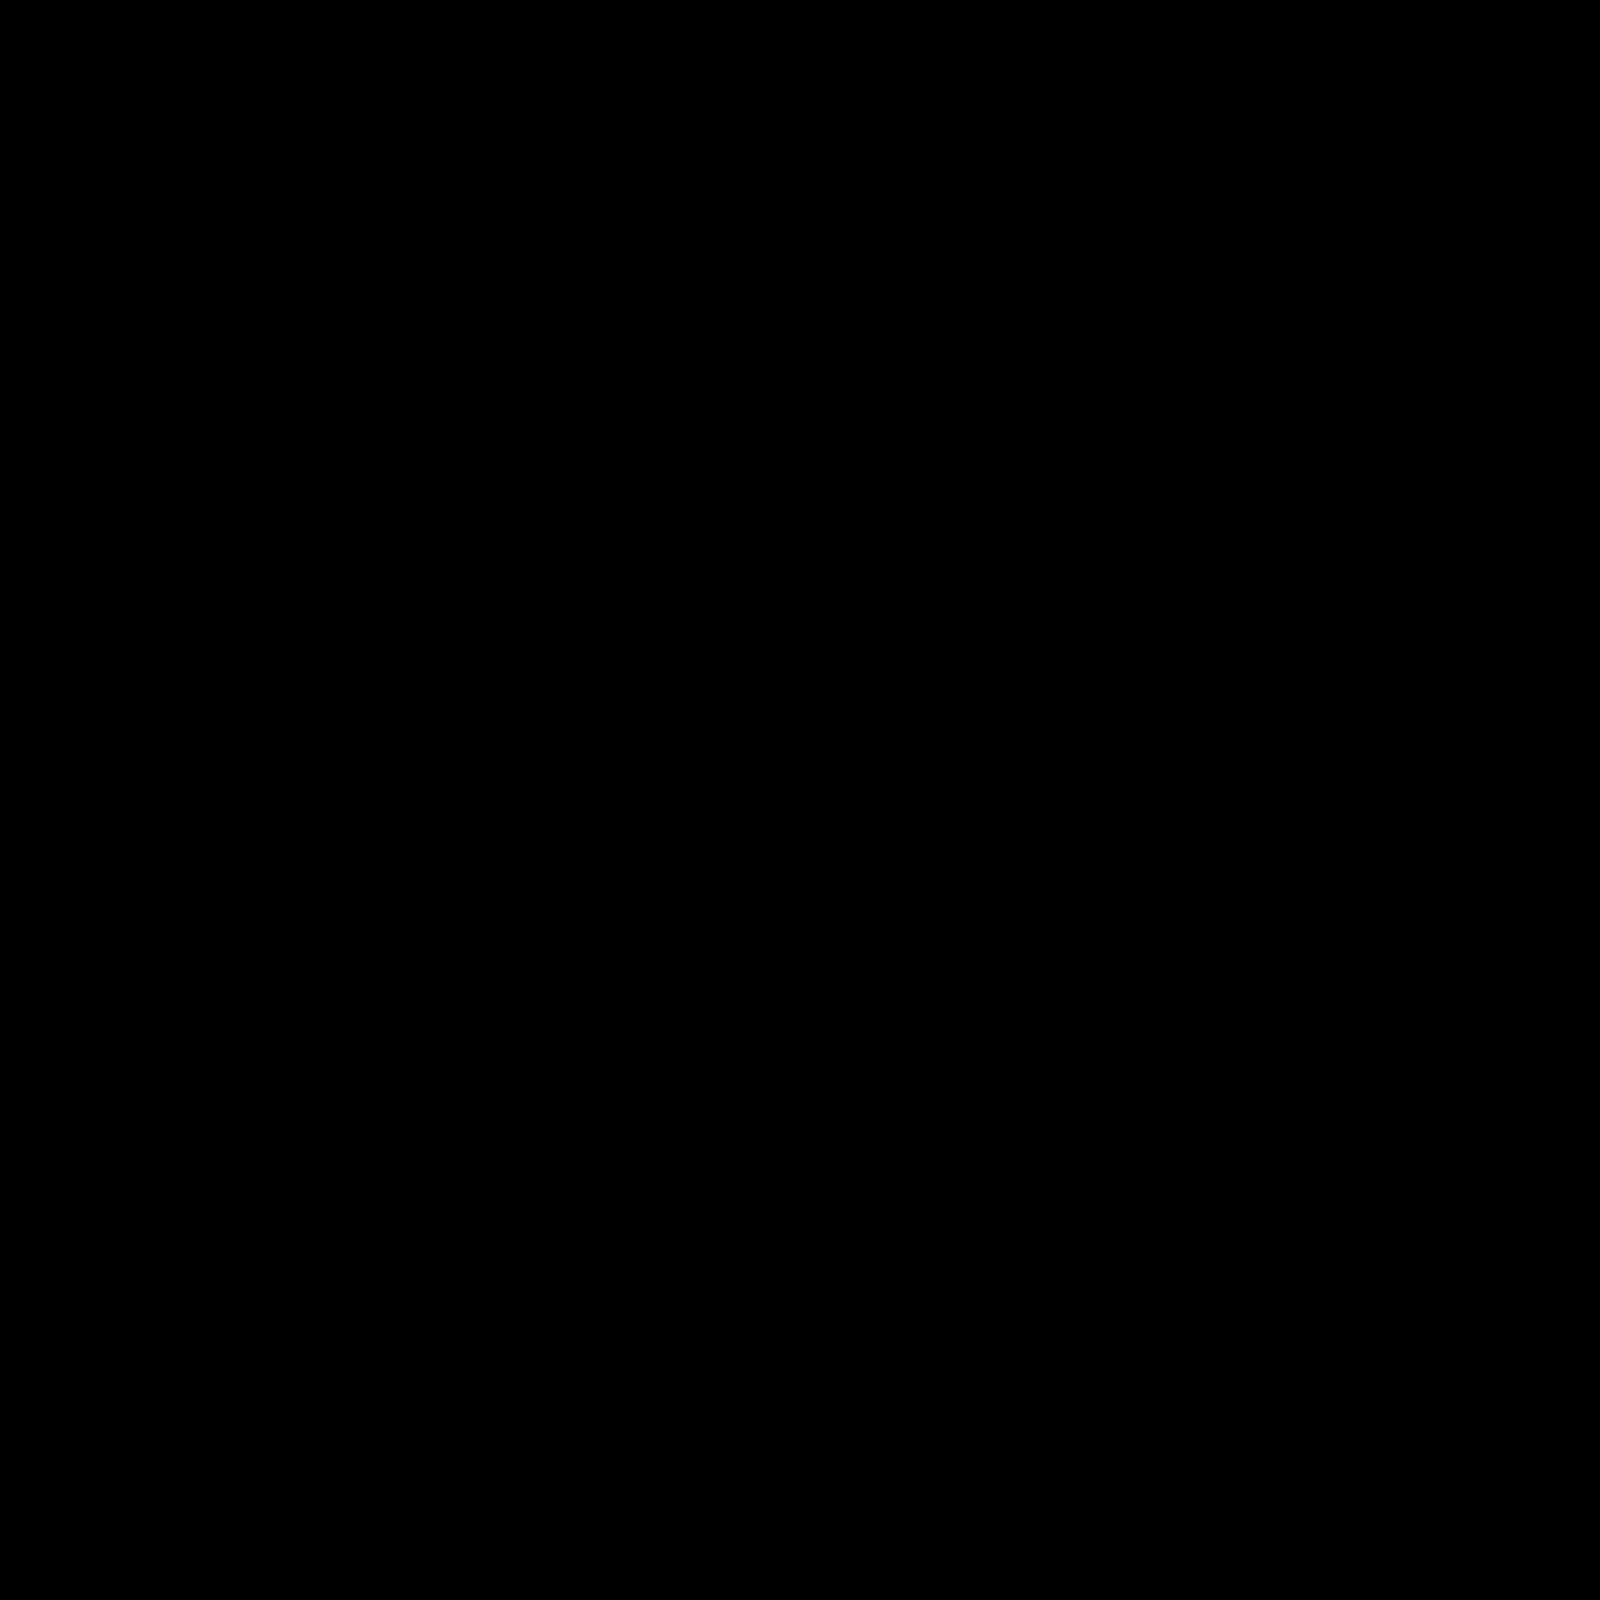 3Dスケール icon